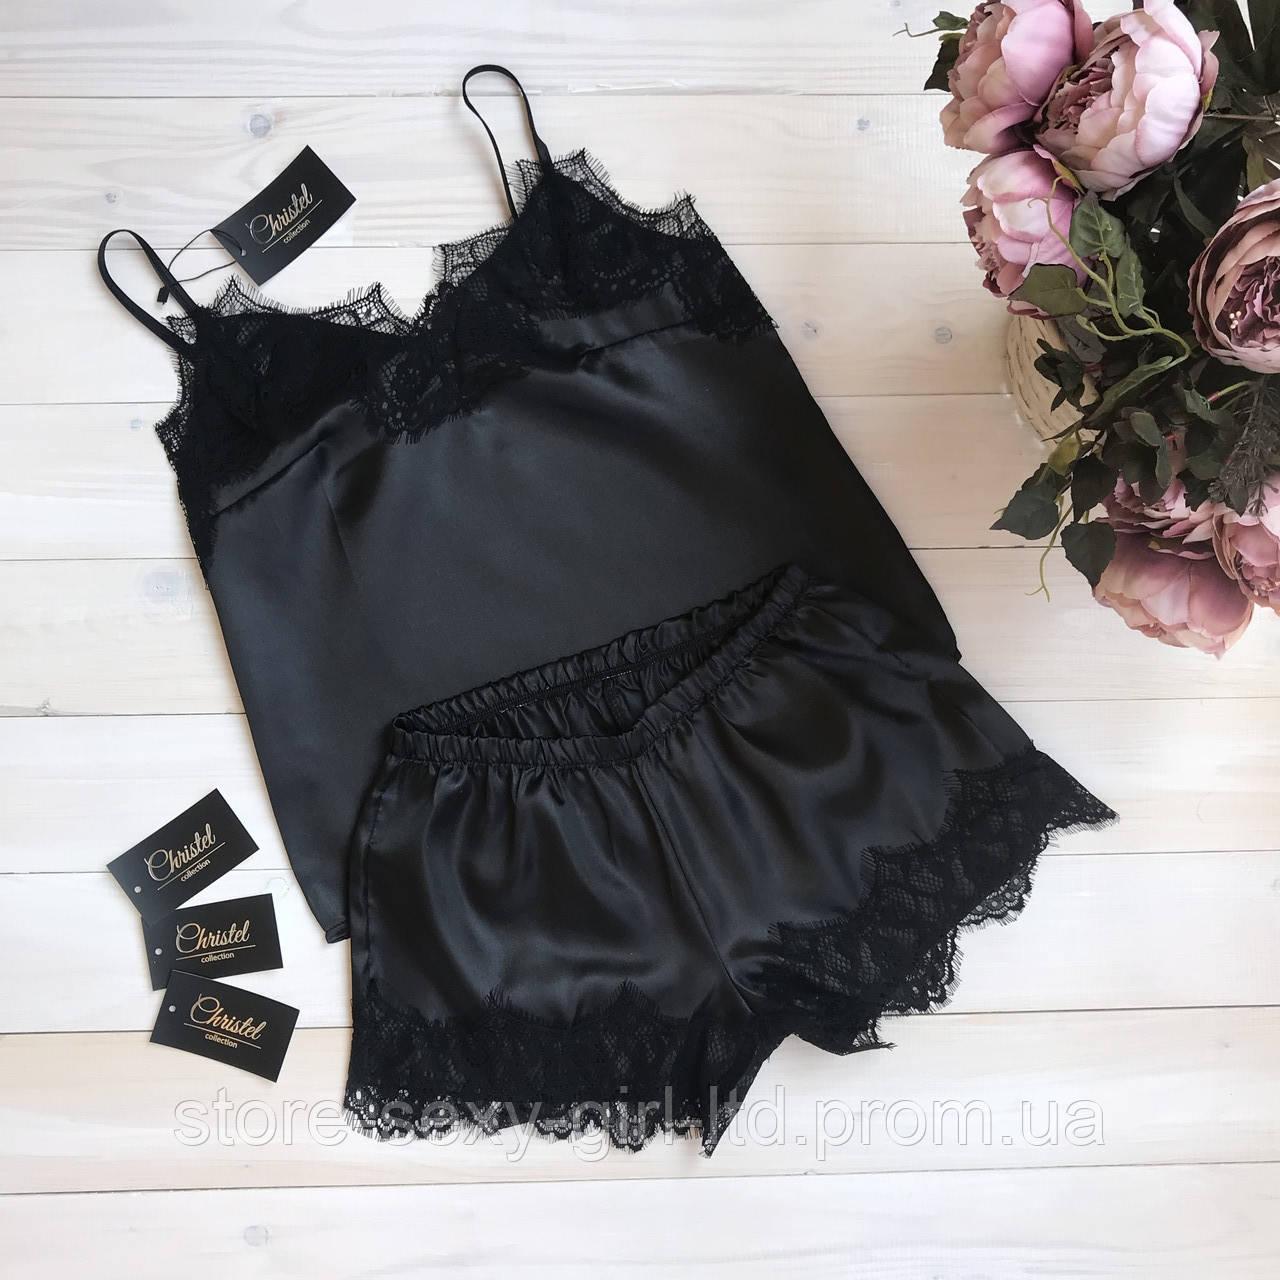 9d7f07f47e26 Черная кружевная атласная женская пижама (шортики+ майка) - размеры: S, M